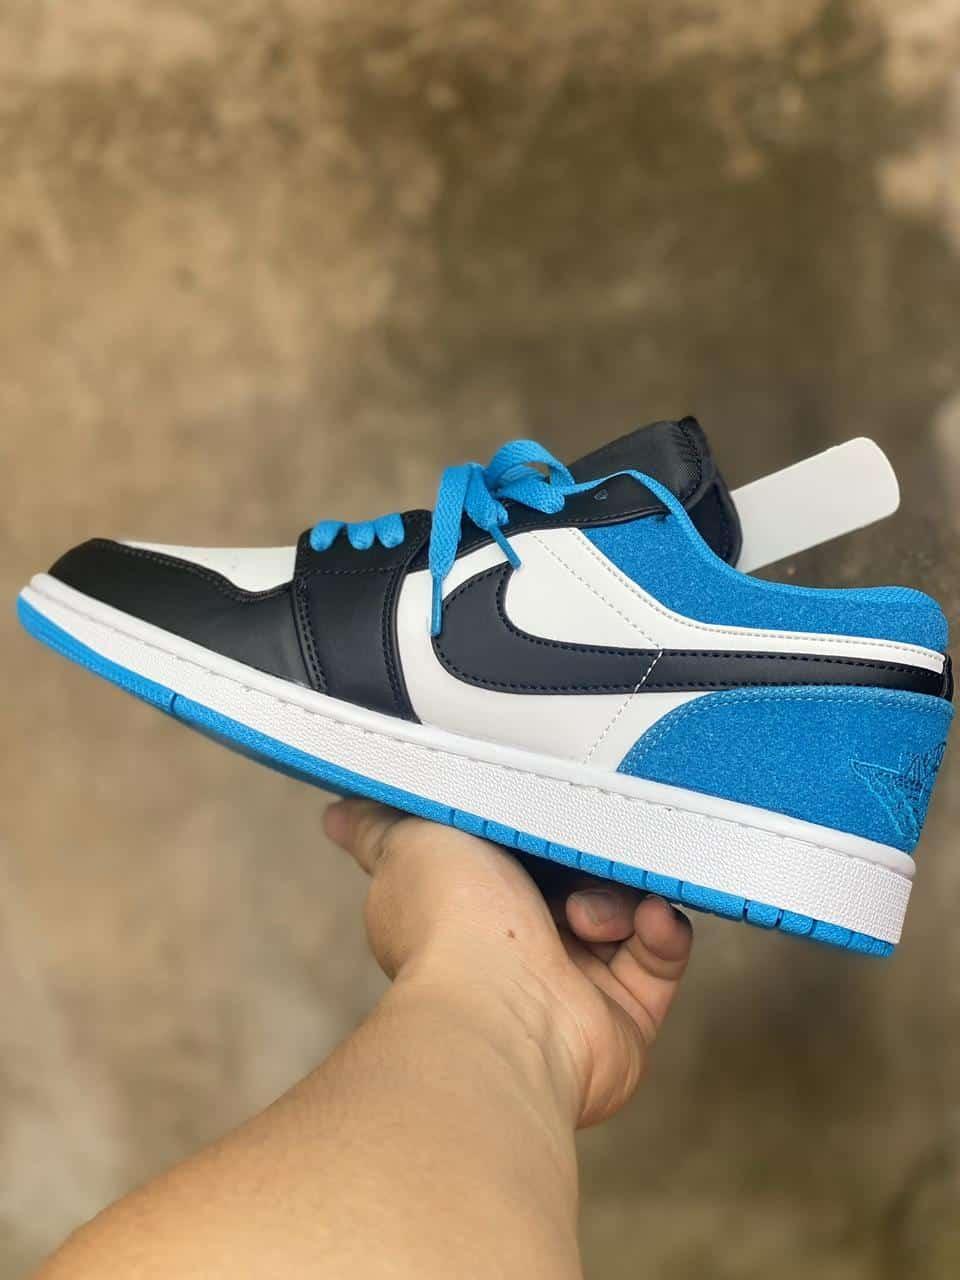 Giày Jordan 1 Low Xanh rep 1:1 kết hợp được đa dạng phong cách